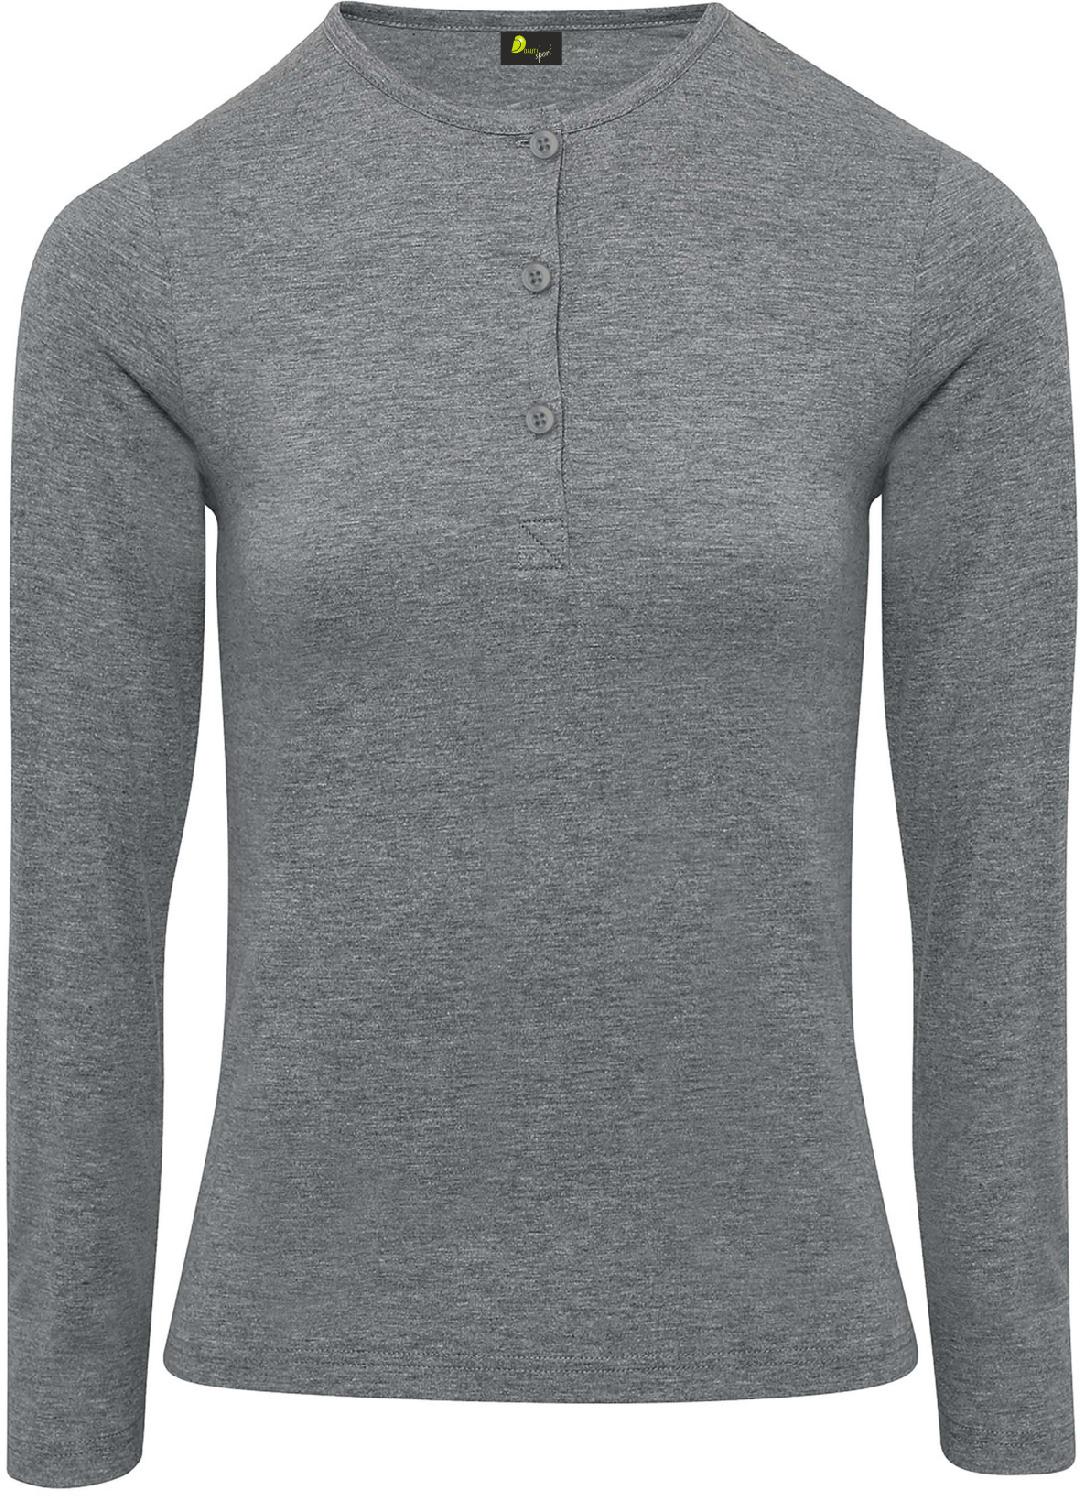 T-shirt de senhora com mangas dobráveis